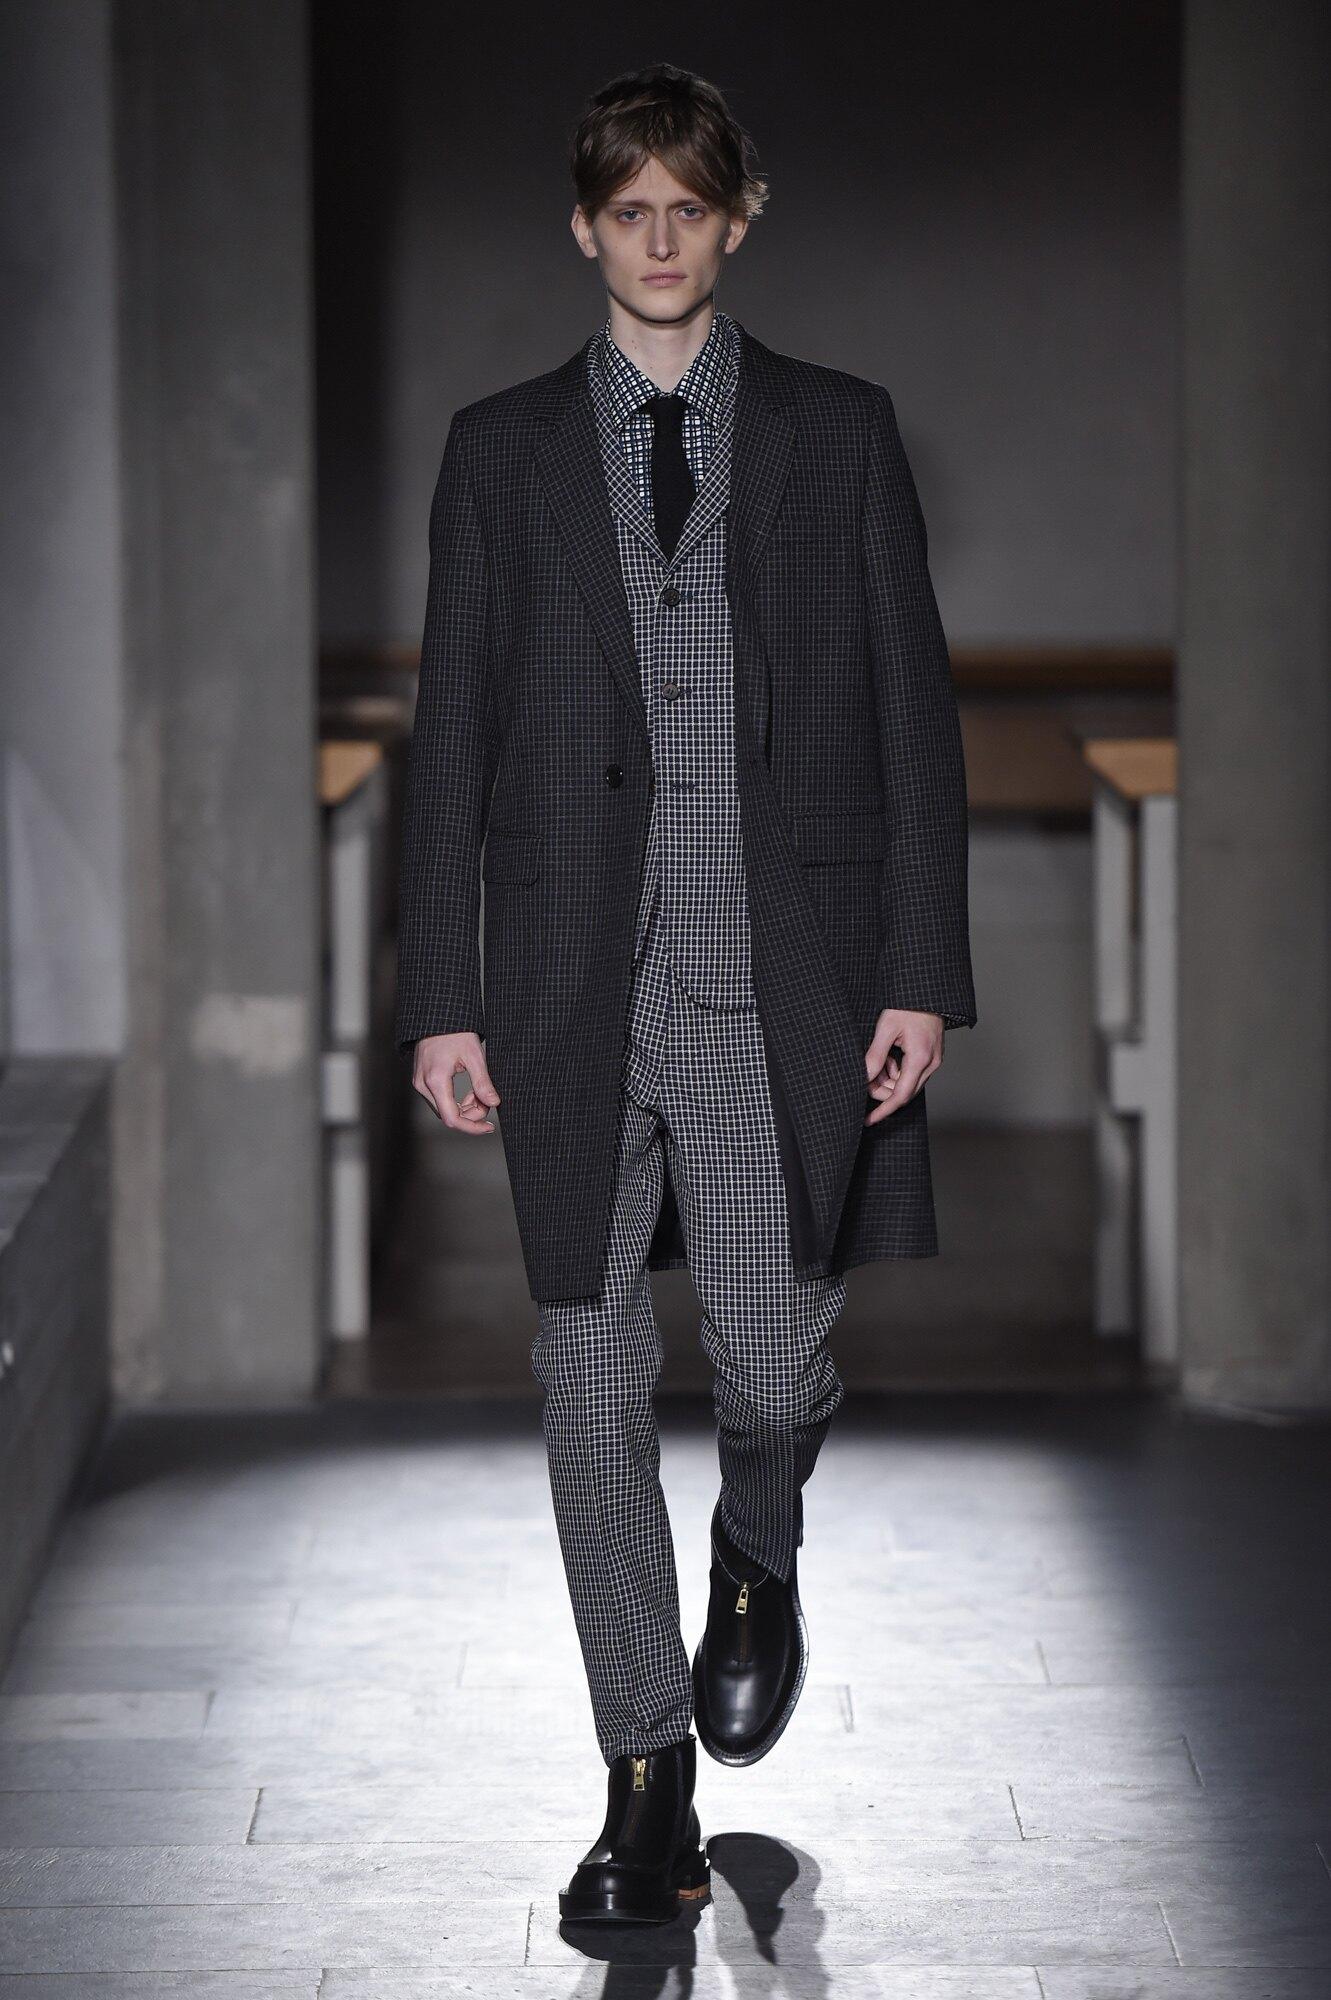 Marni Pitti Immagine Uomo Menswear